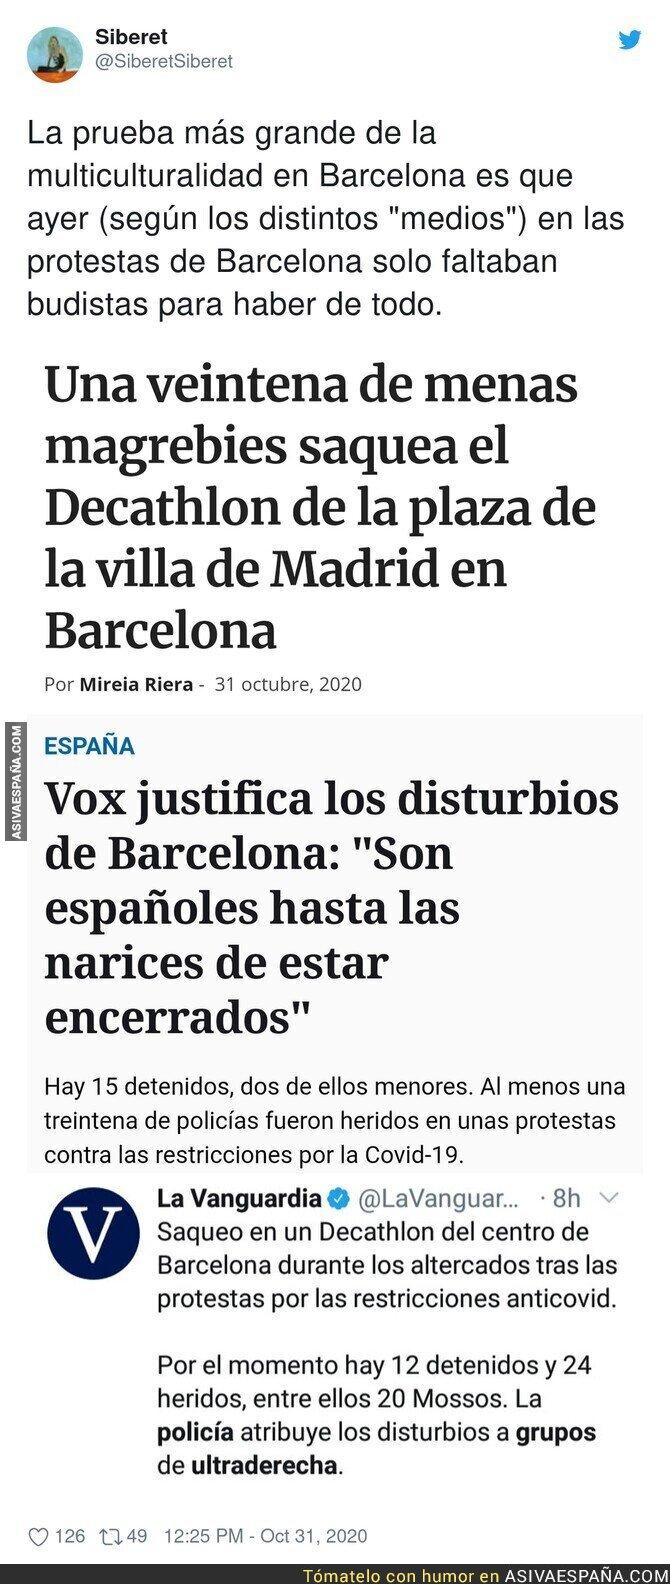 442451 - En los disturbios de Barcelona se juntó de todo